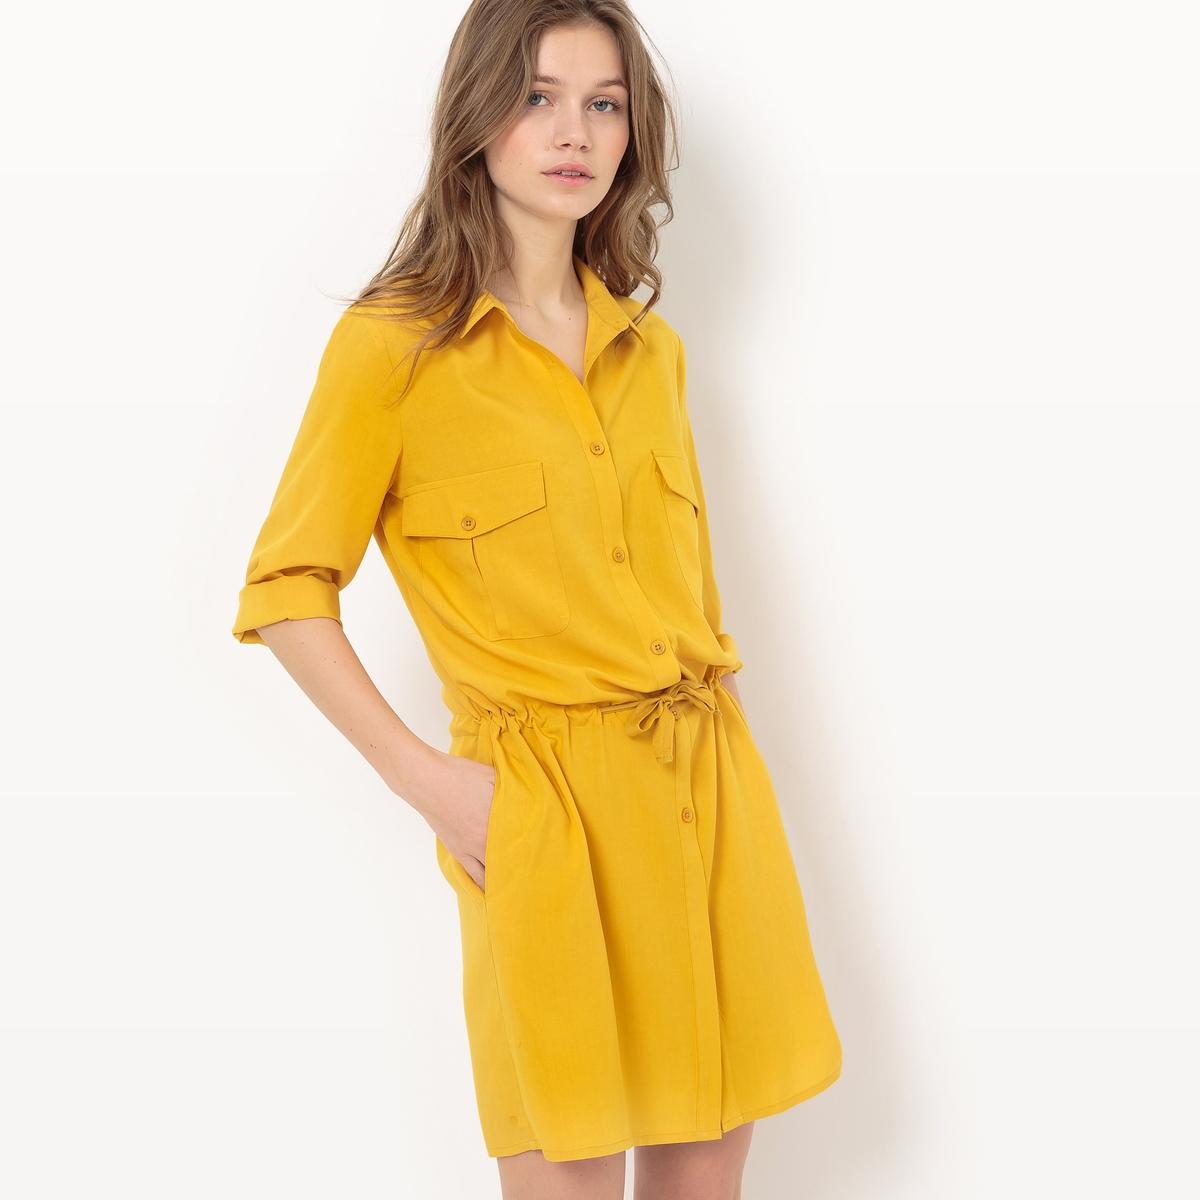 Платье-сафари, рукава 3/4Материал : 100% вискоза             Длина рукава : длинные рукава            Особенность пояса : эластичный пояс            Форма воротника : воротник-поло, рубашечный            Покрой платья : До колен, 95 см для размера 38            Рисунок : однотонная модель             Особенность платья : глубокий вырез сзади            Длина платья : до колен            Стирка : машинная стирка при 30 °С            Уход: : гладить при умеренной температуре / отбеливание запрещено            Машинная сушка : Машинная сушка запрещена            Глажка : Сухая (химическая) чистка запрещена<br><br>Цвет: желтый охровый,черный<br>Размер: 48 (FR) - 54 (RUS).46 (FR) - 52 (RUS).36 (FR) - 42 (RUS)